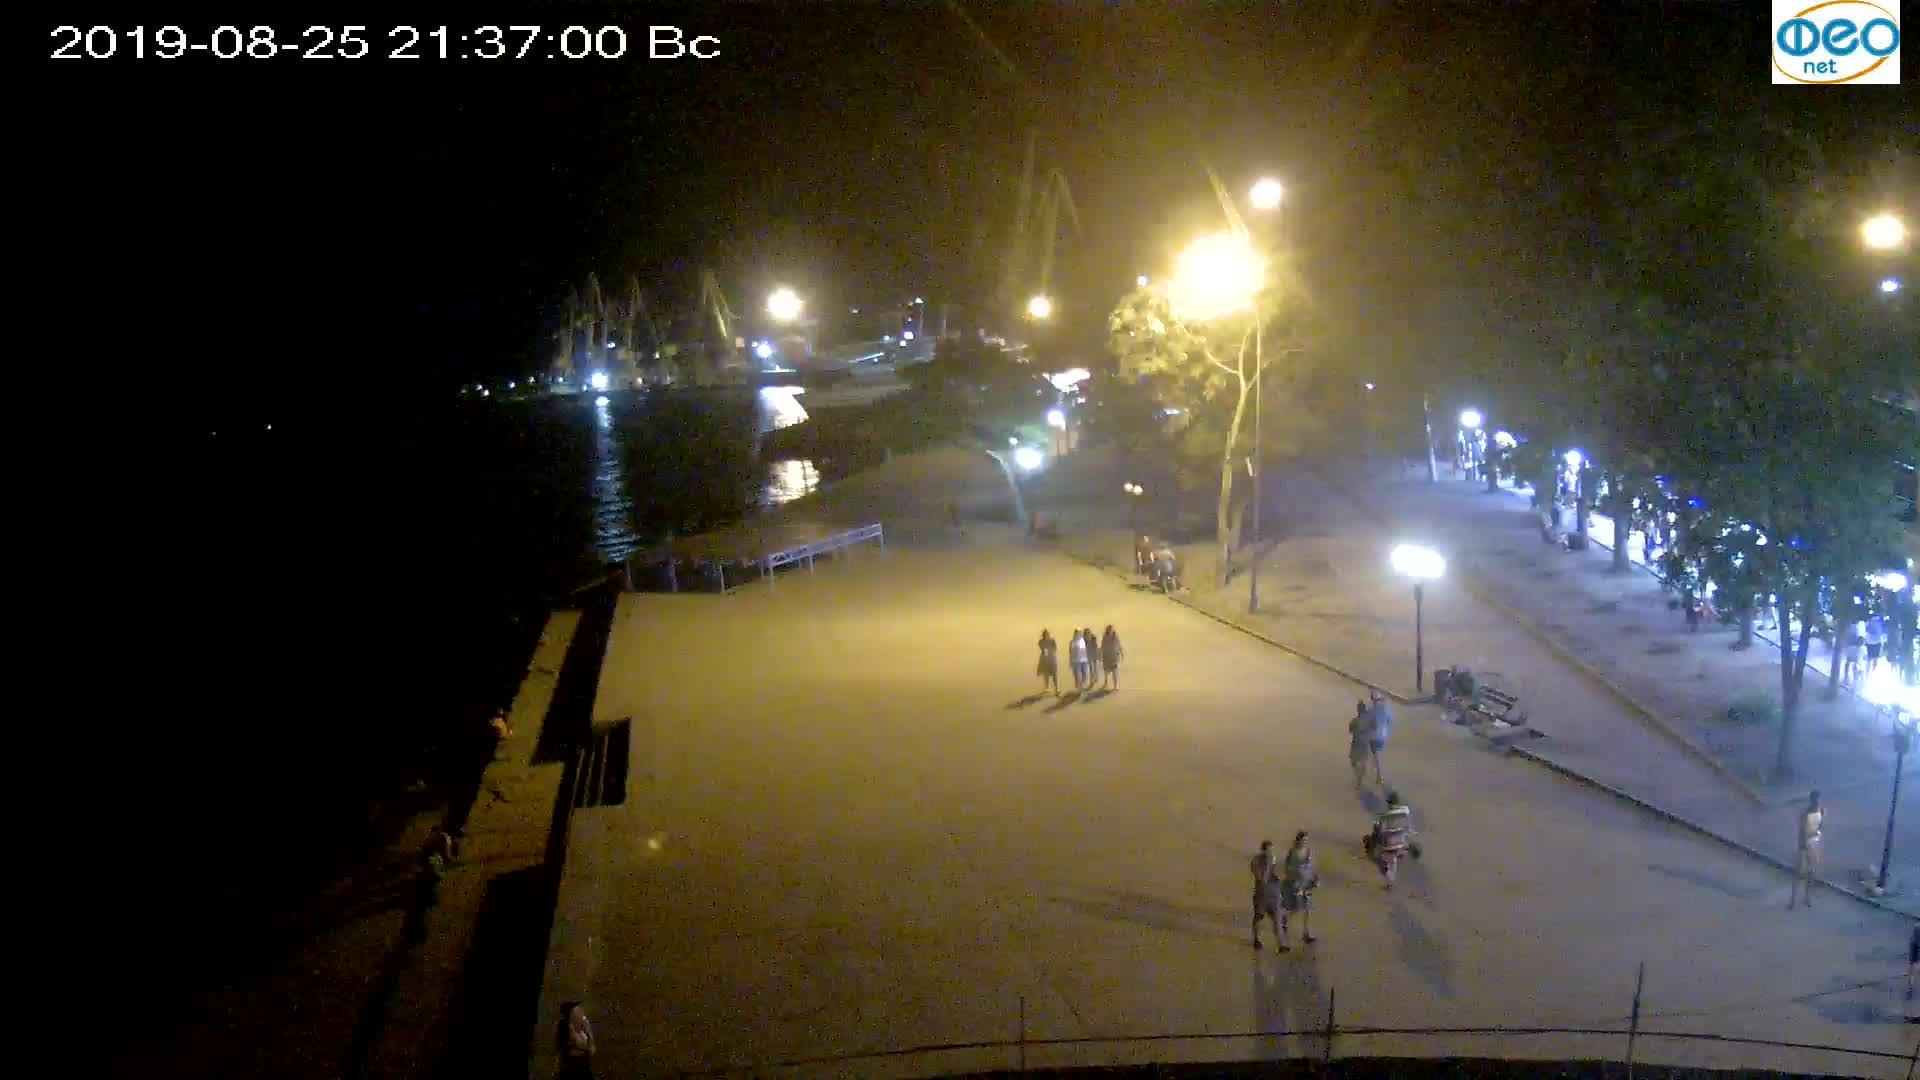 Веб-камеры Феодосии, Набережная Десантников, 2019-08-25 21:40:08